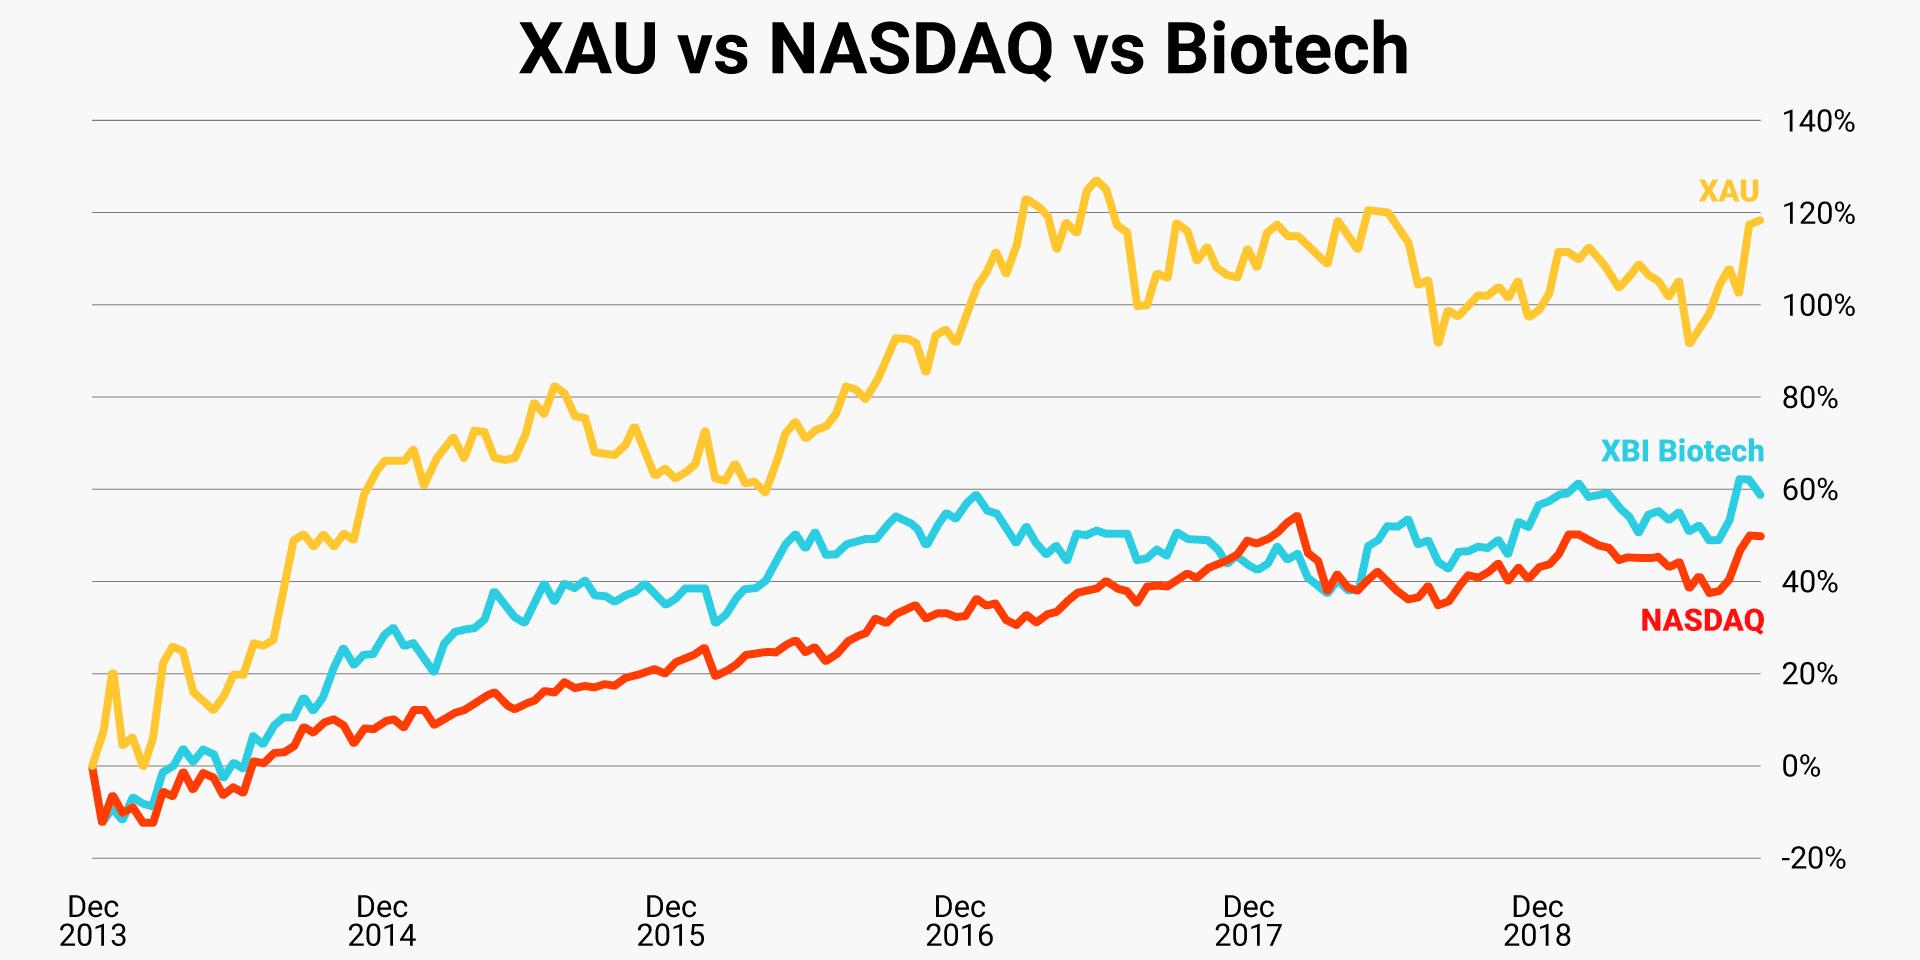 xau-vs-nasdaq-vs-biotech